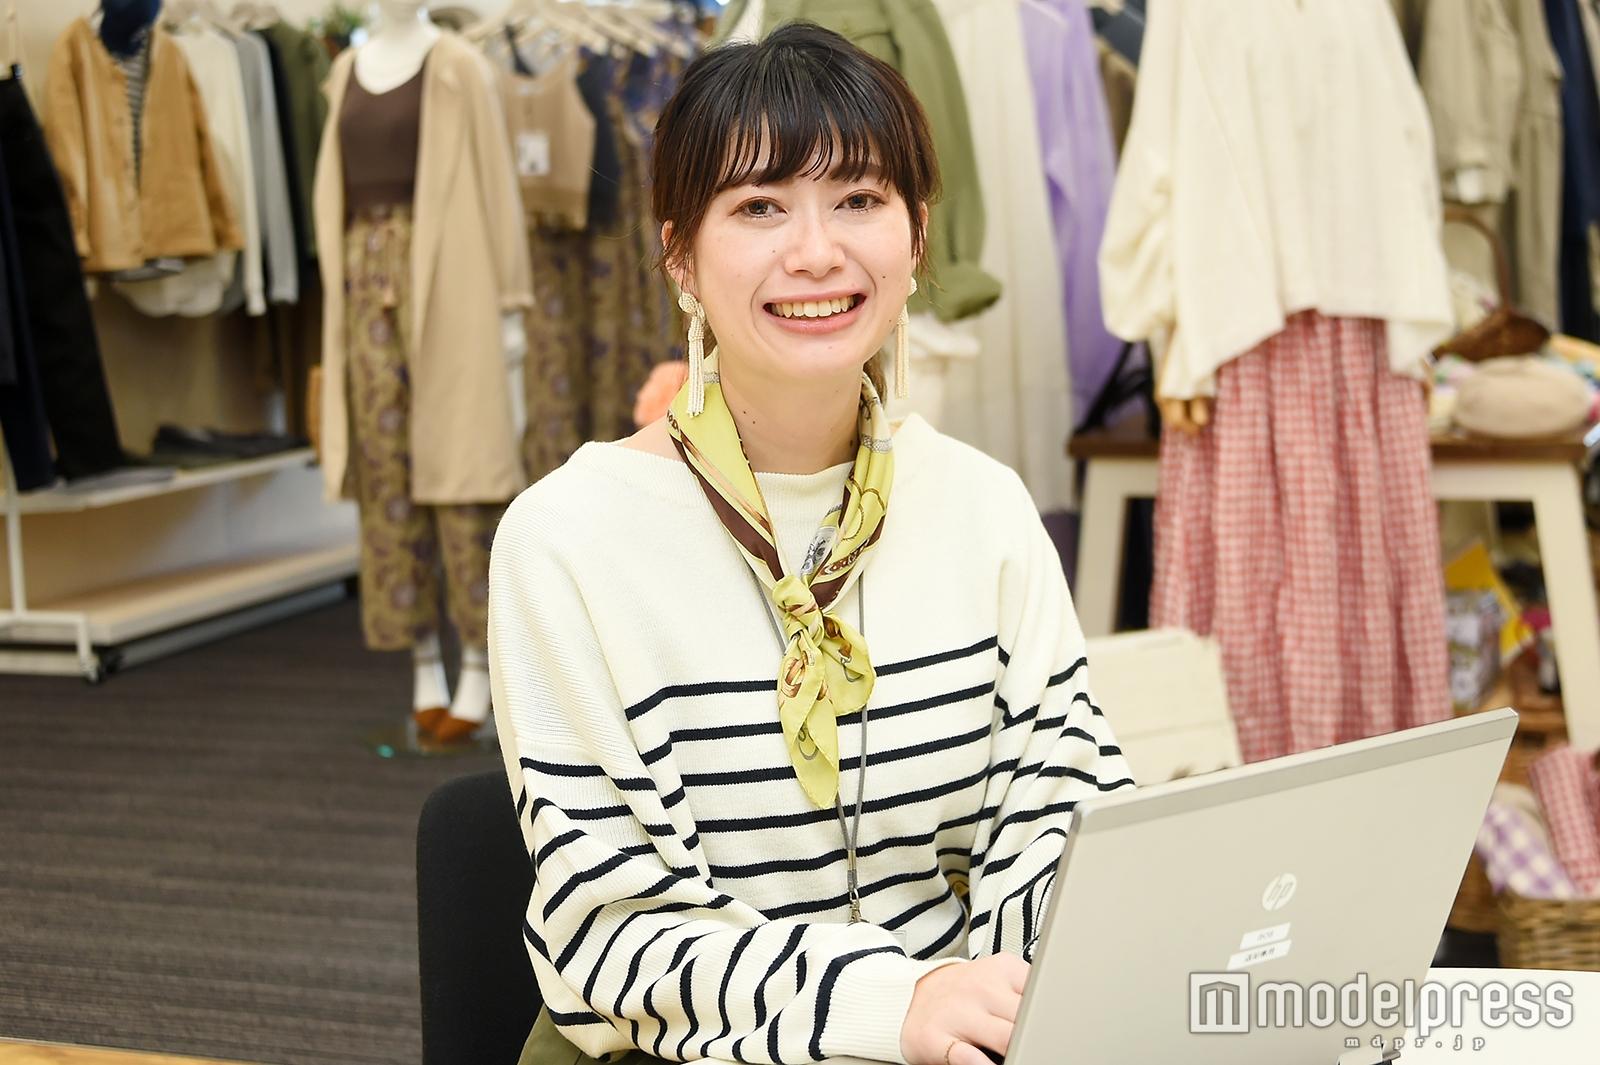 モデルプレスのインタビューに応じた小山亜希子さん(C)モデルプレス